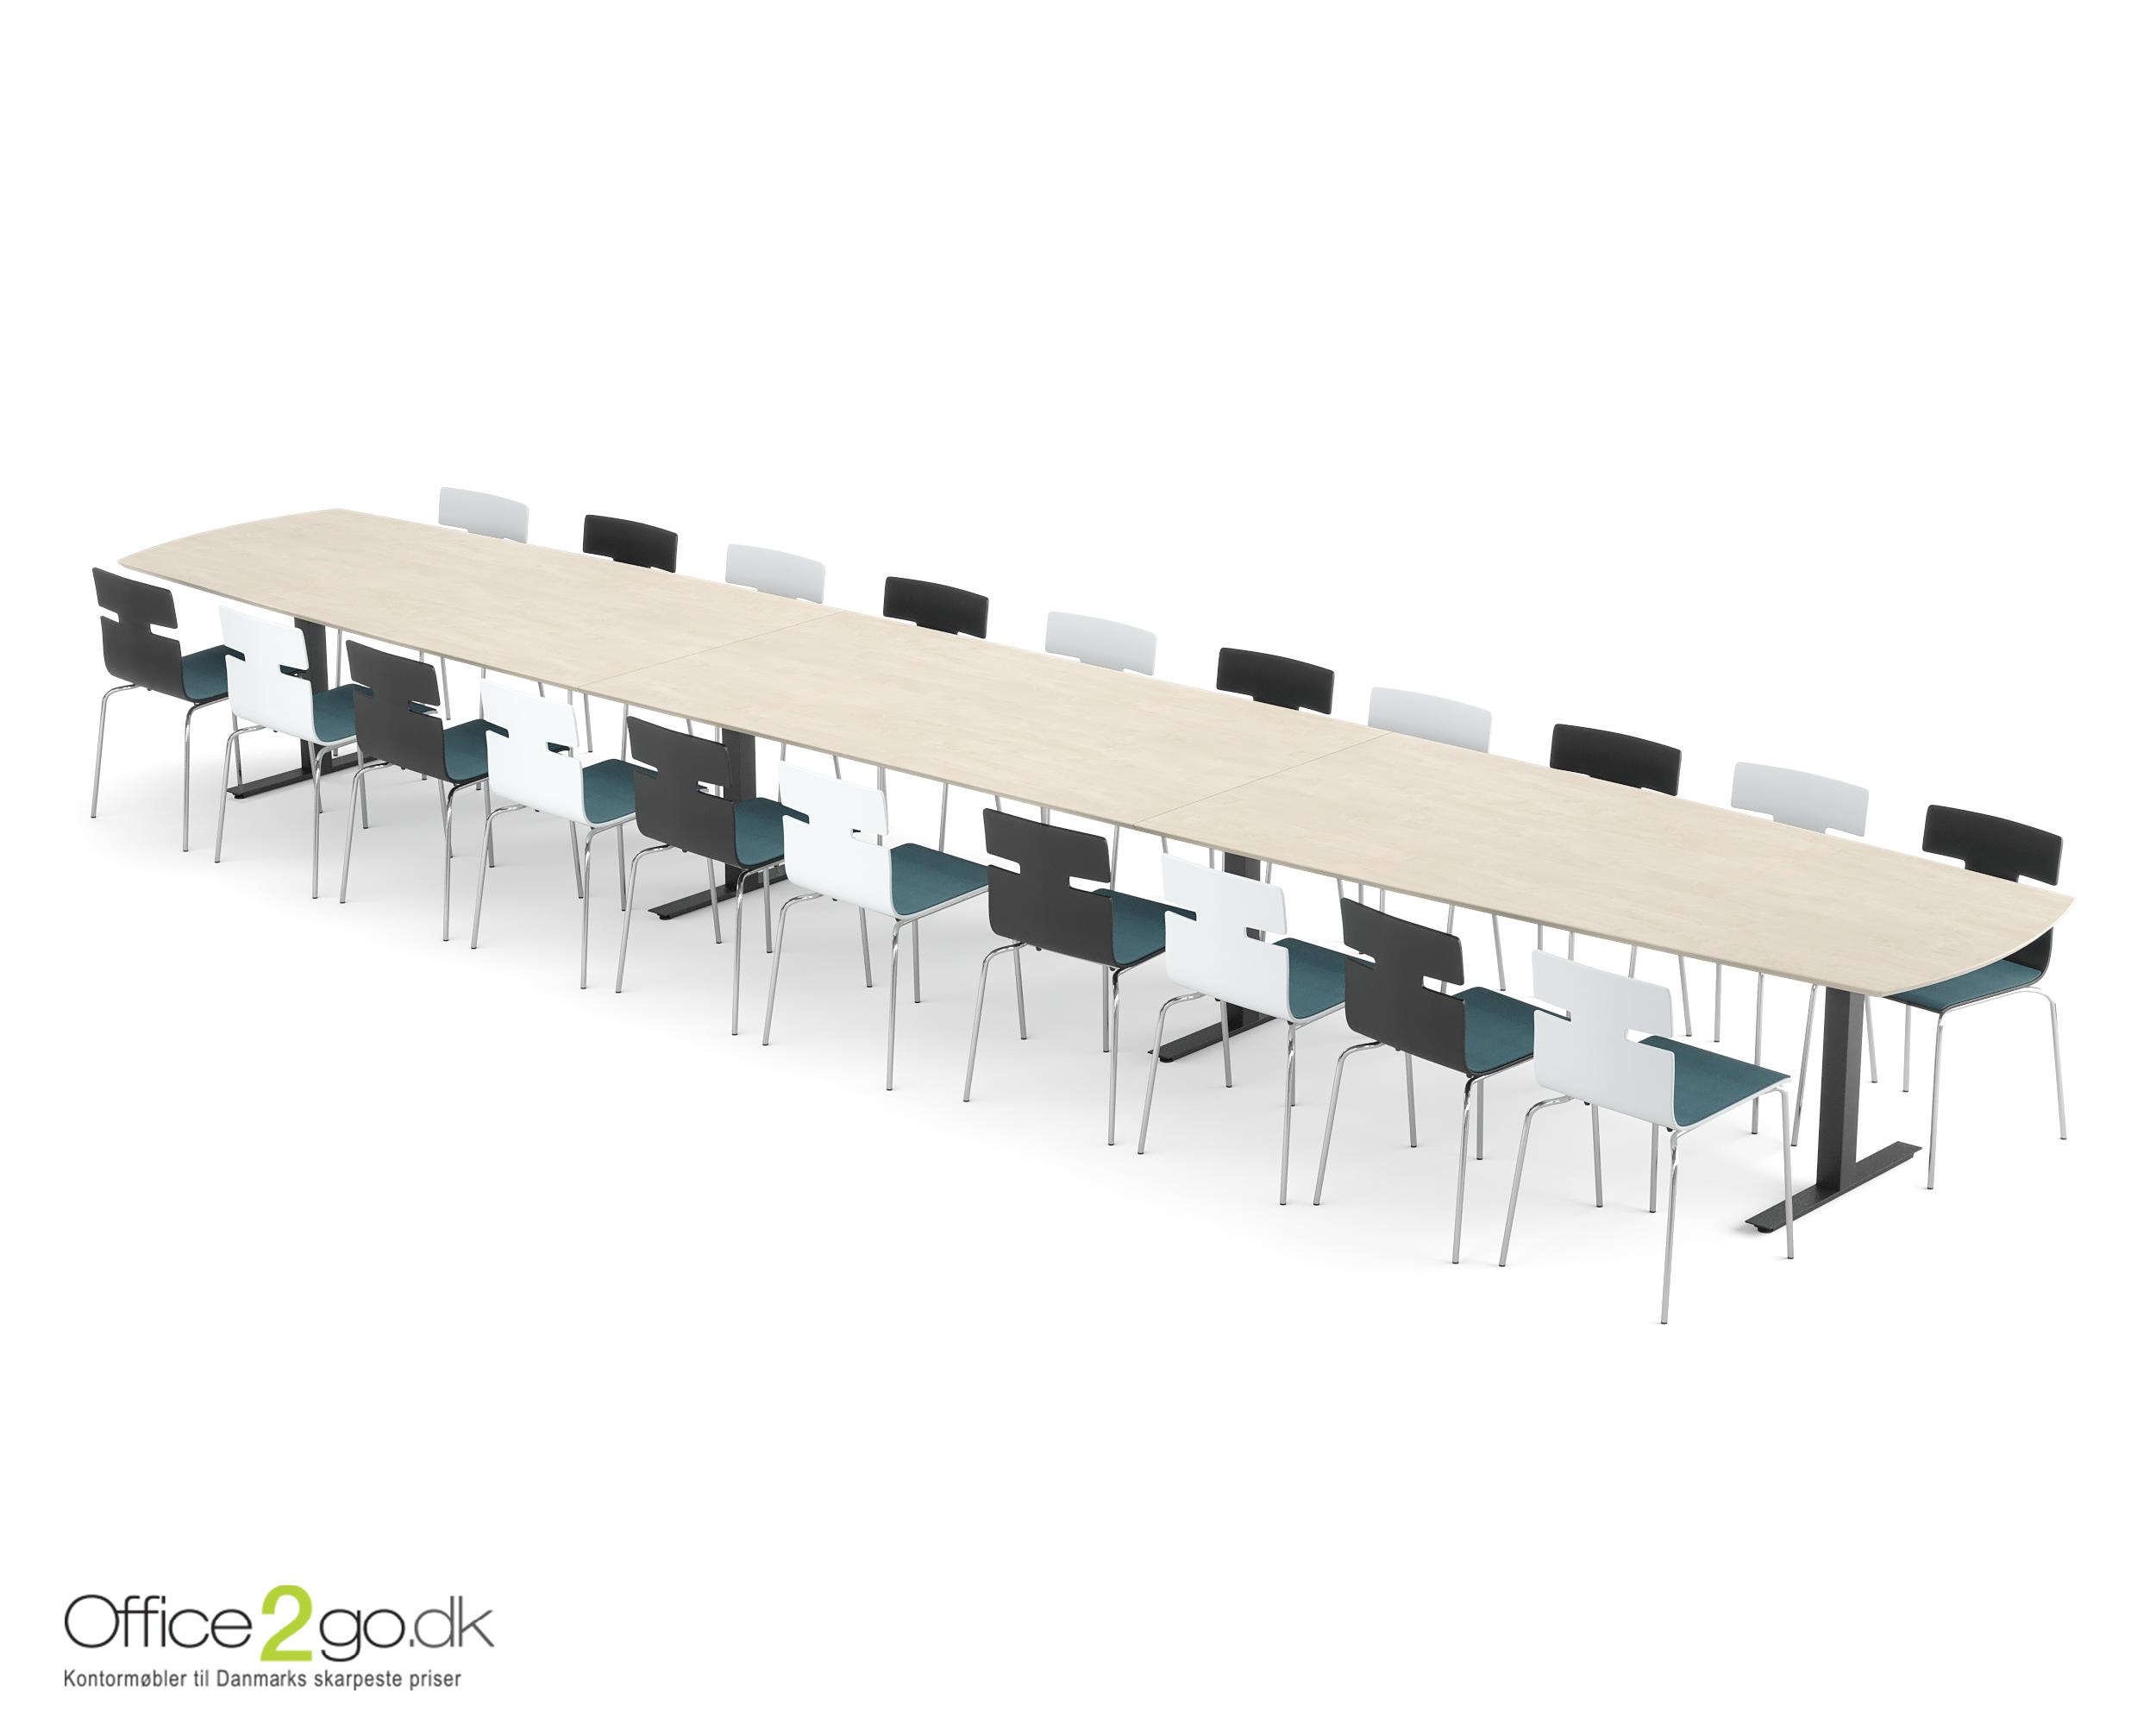 Square mødebord - 20-22 personer - 640 cm.